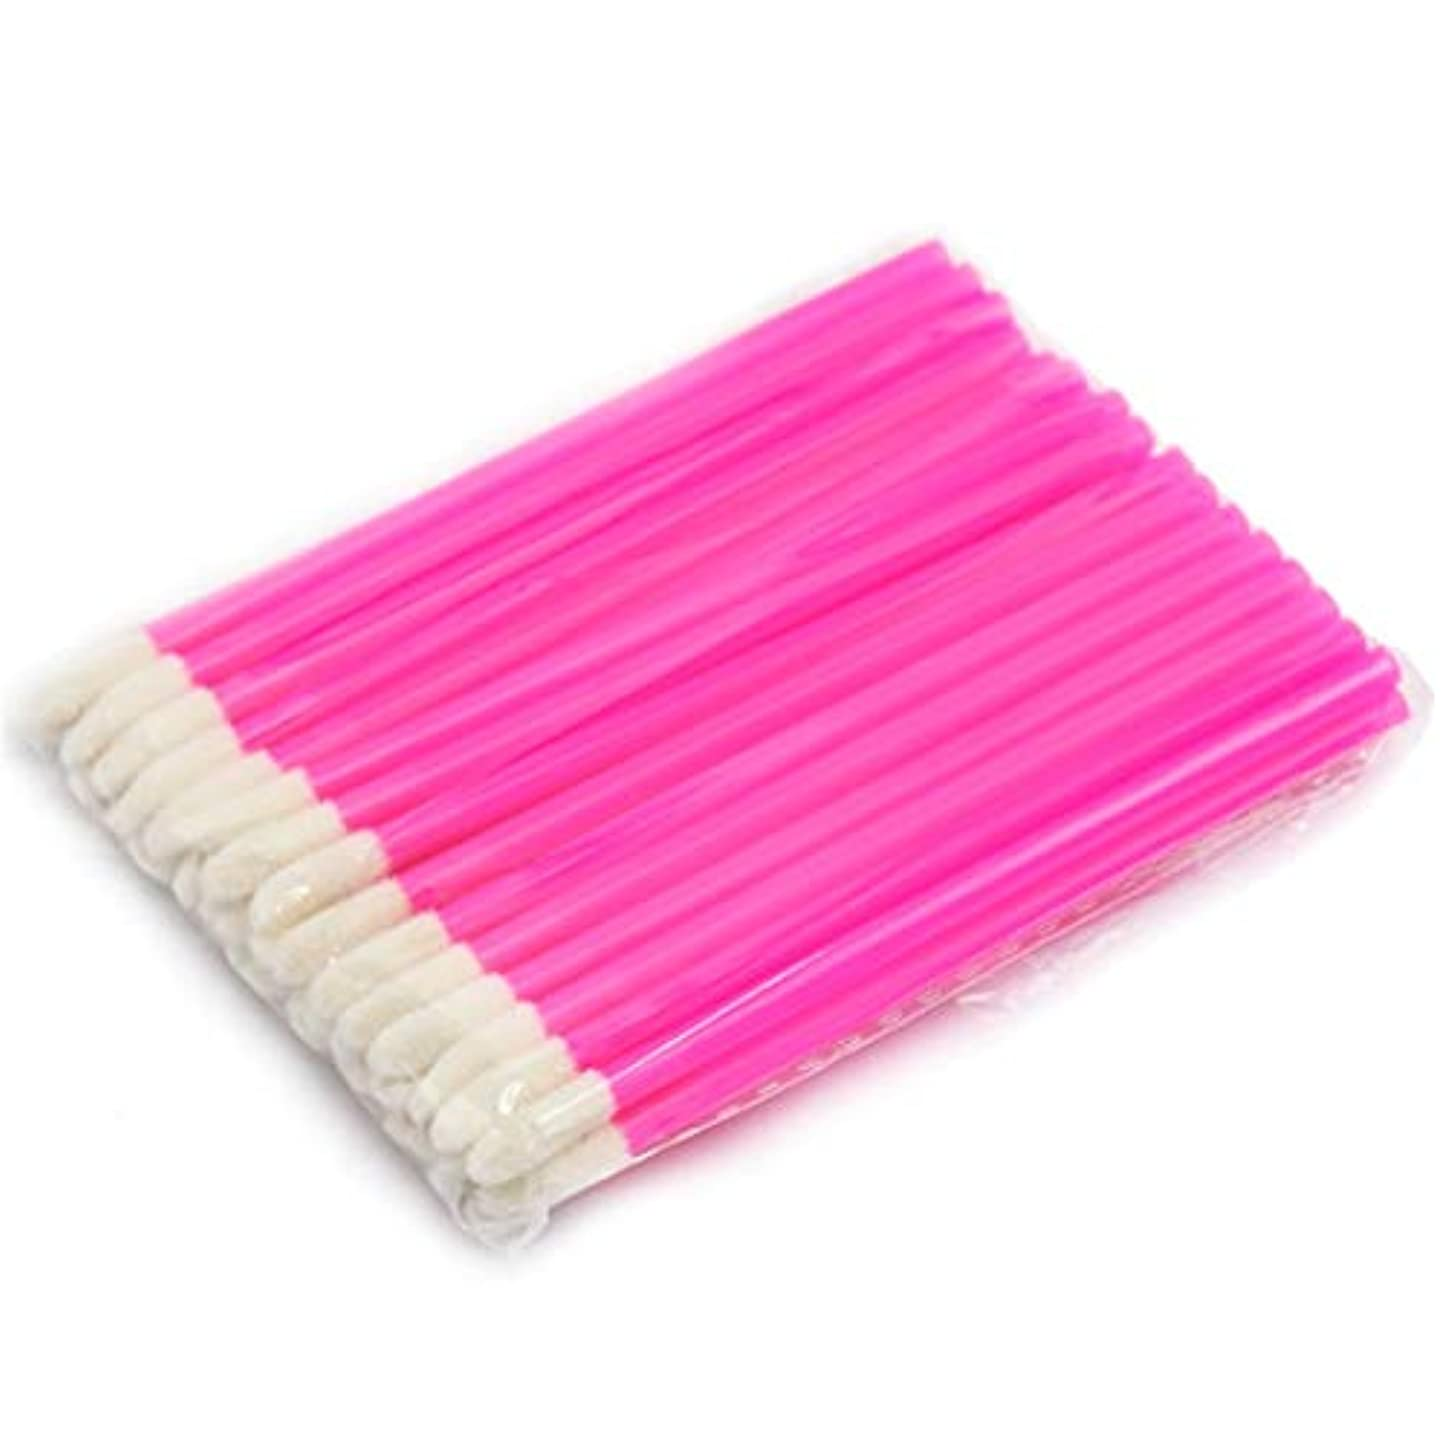 間違っているゴールドうつMakeup brushes 使い捨て化粧リップブラシ口紅光沢スティックアプリケーター化粧ツールファッションデザイン-ローズブッシュ suits (Color : Rose)